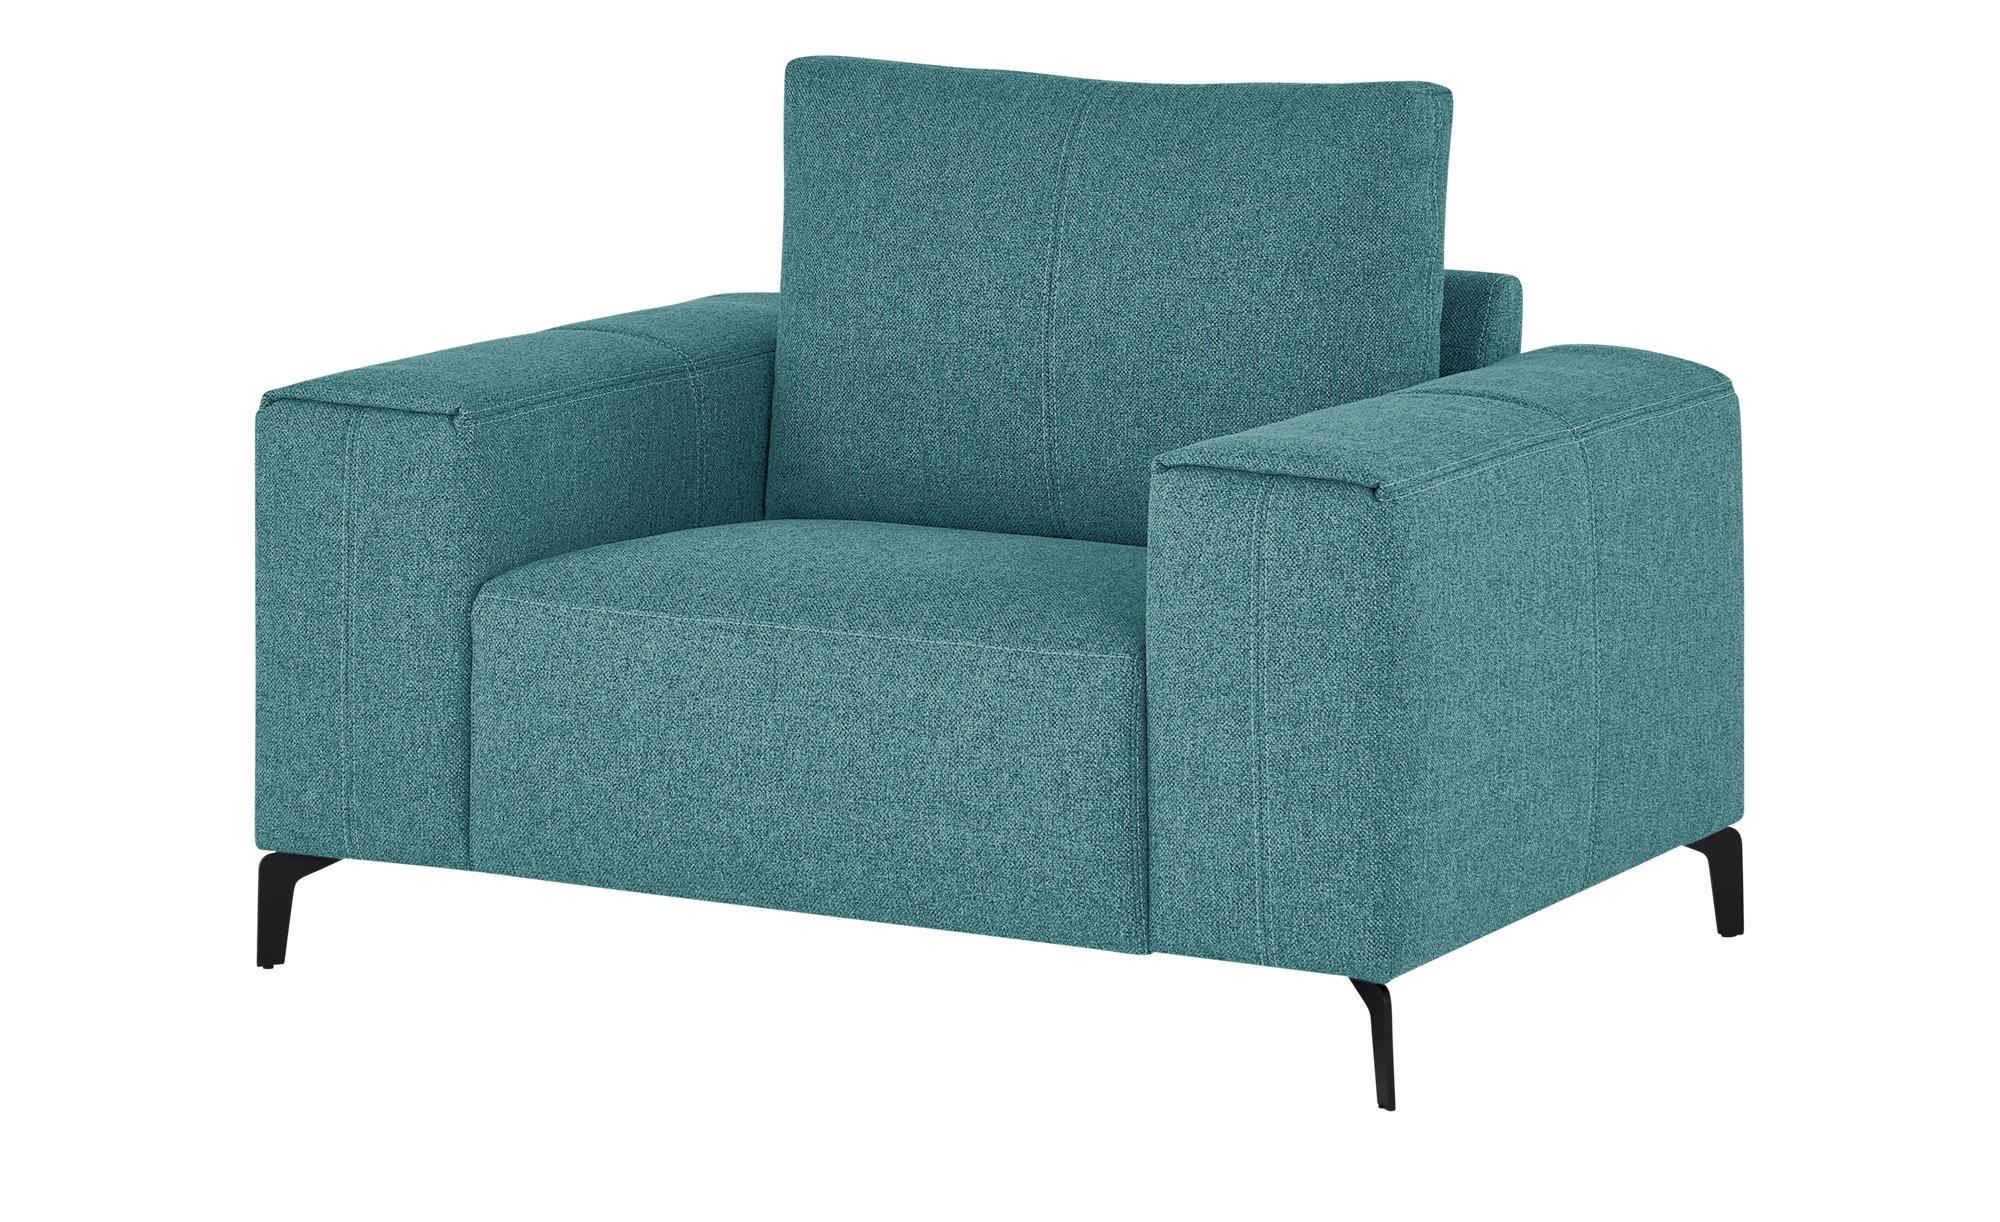 smart Sessel  Gabriela ¦ türkis/petrol ¦ Maße (cm): B: 127 H: 90 T: 91 Polstermöbel > Sessel > Polstersessel - Höffner